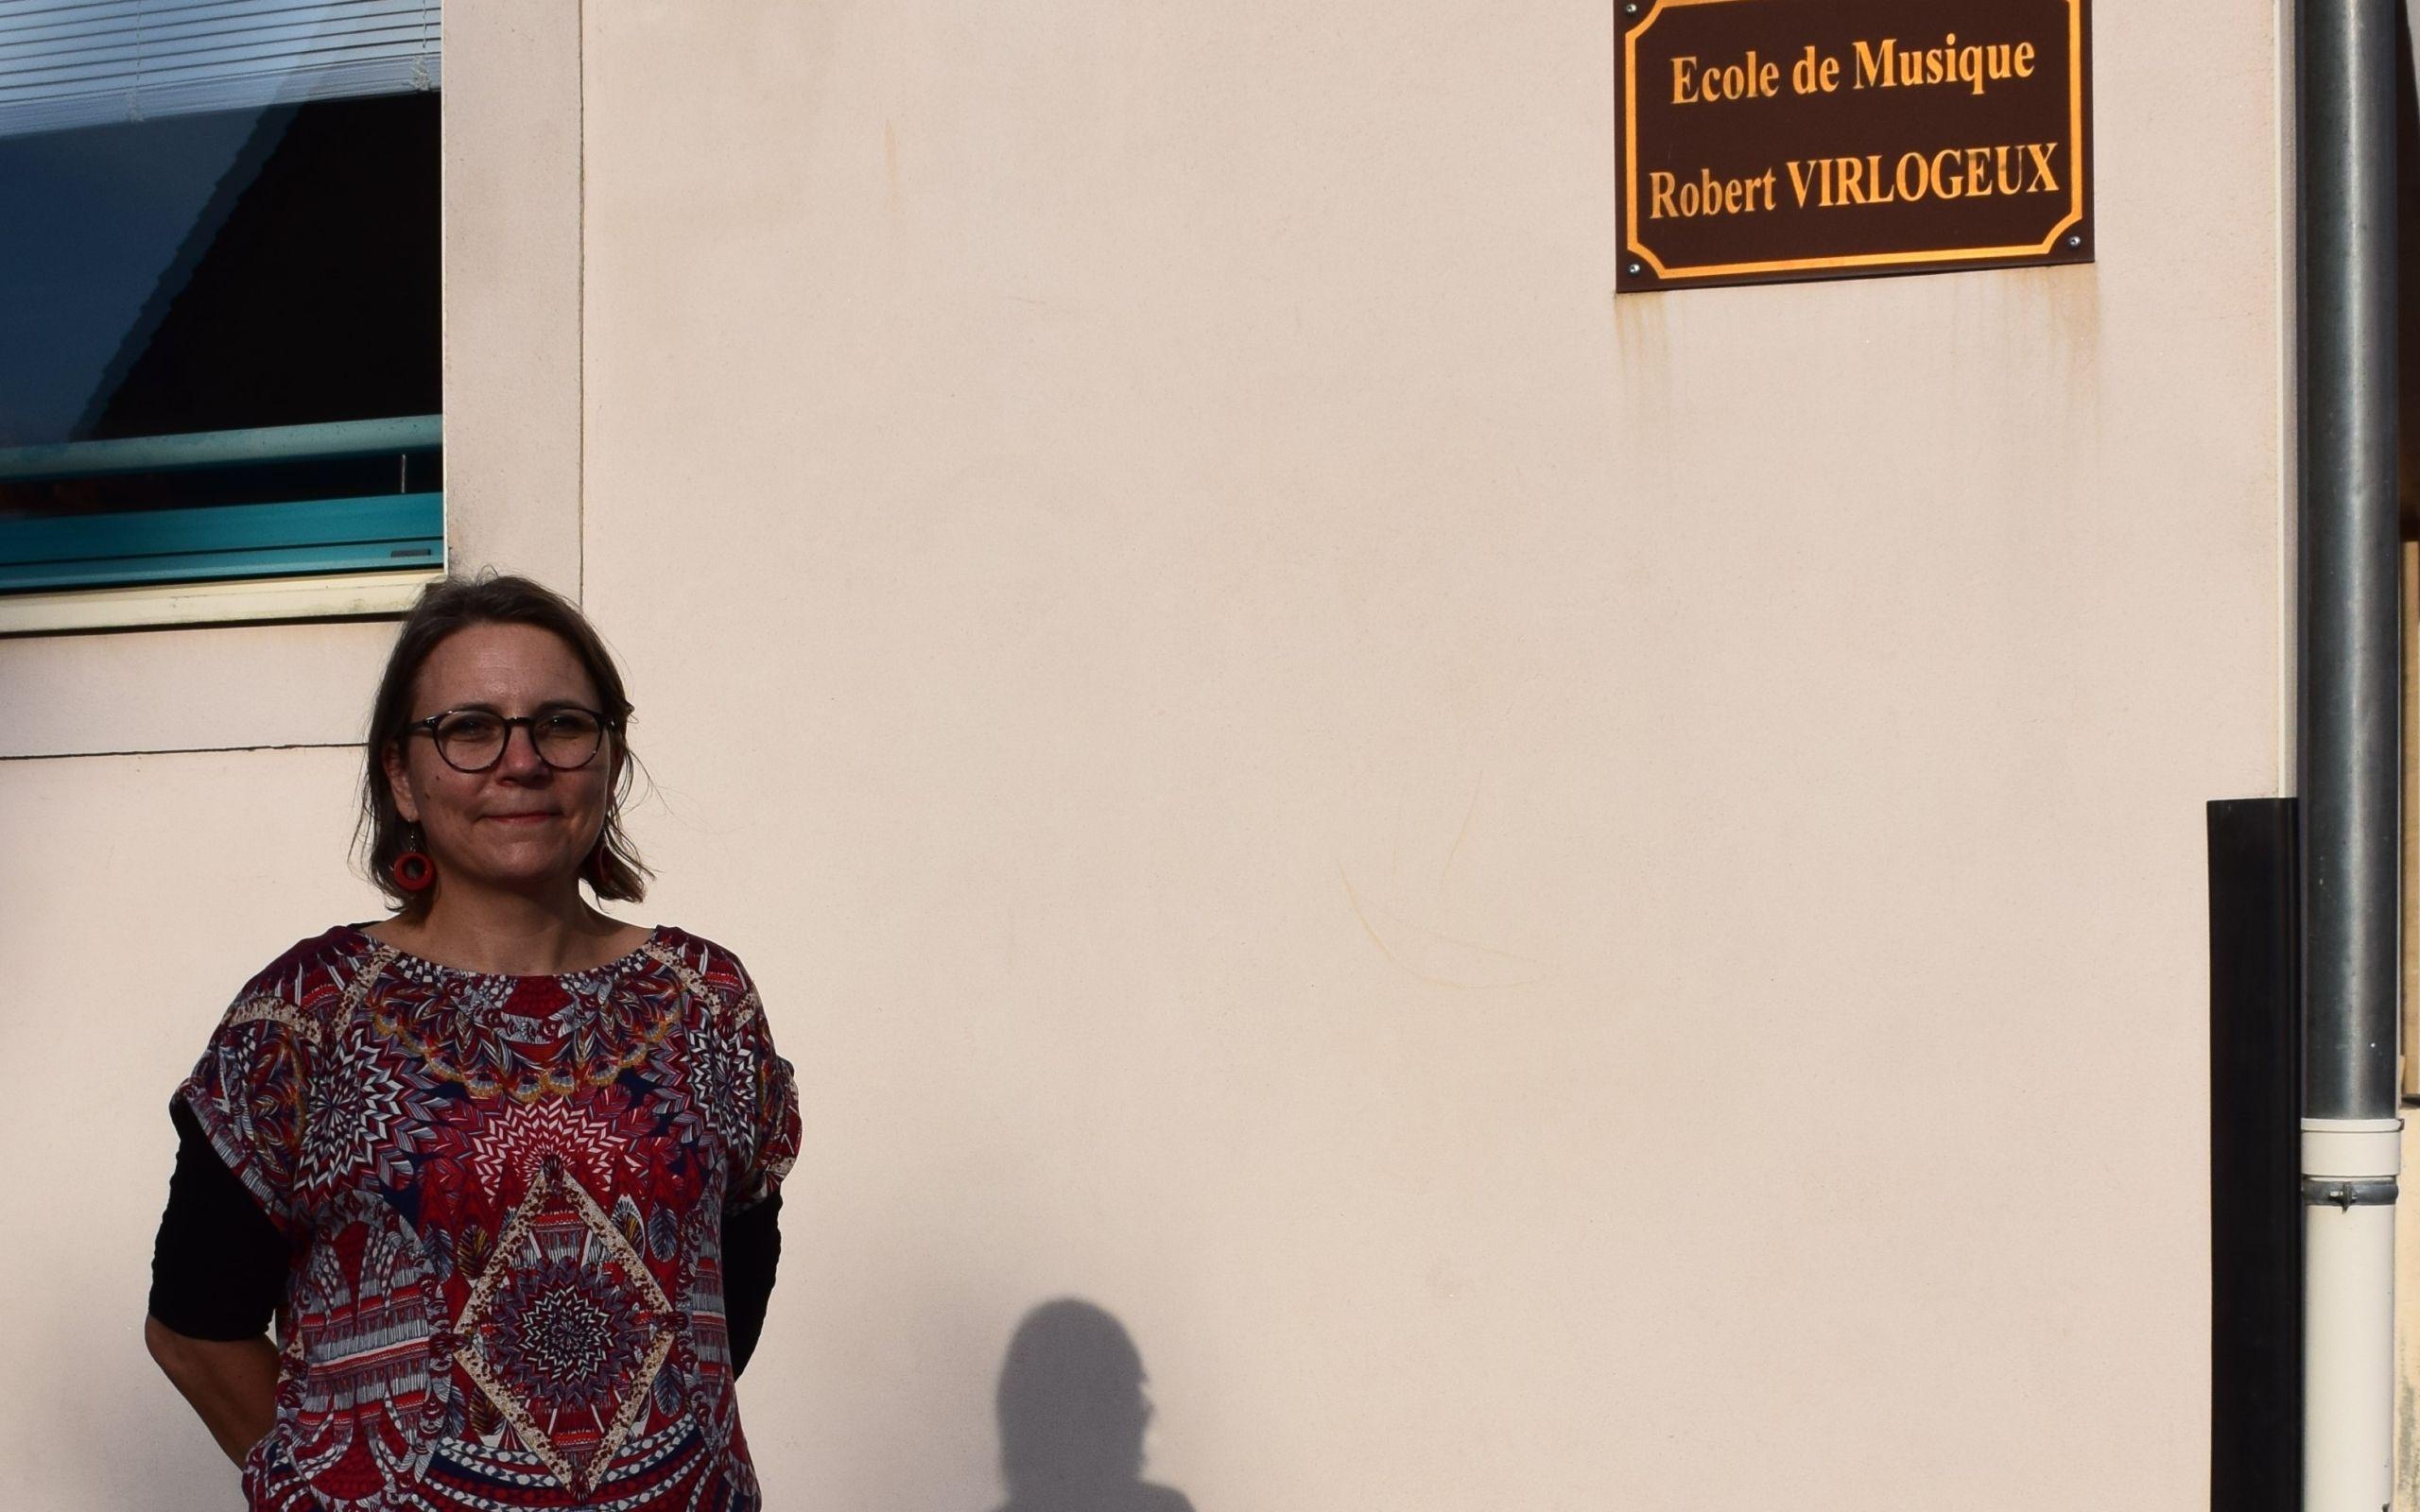 La directrice Sophie GAY devant son établissement